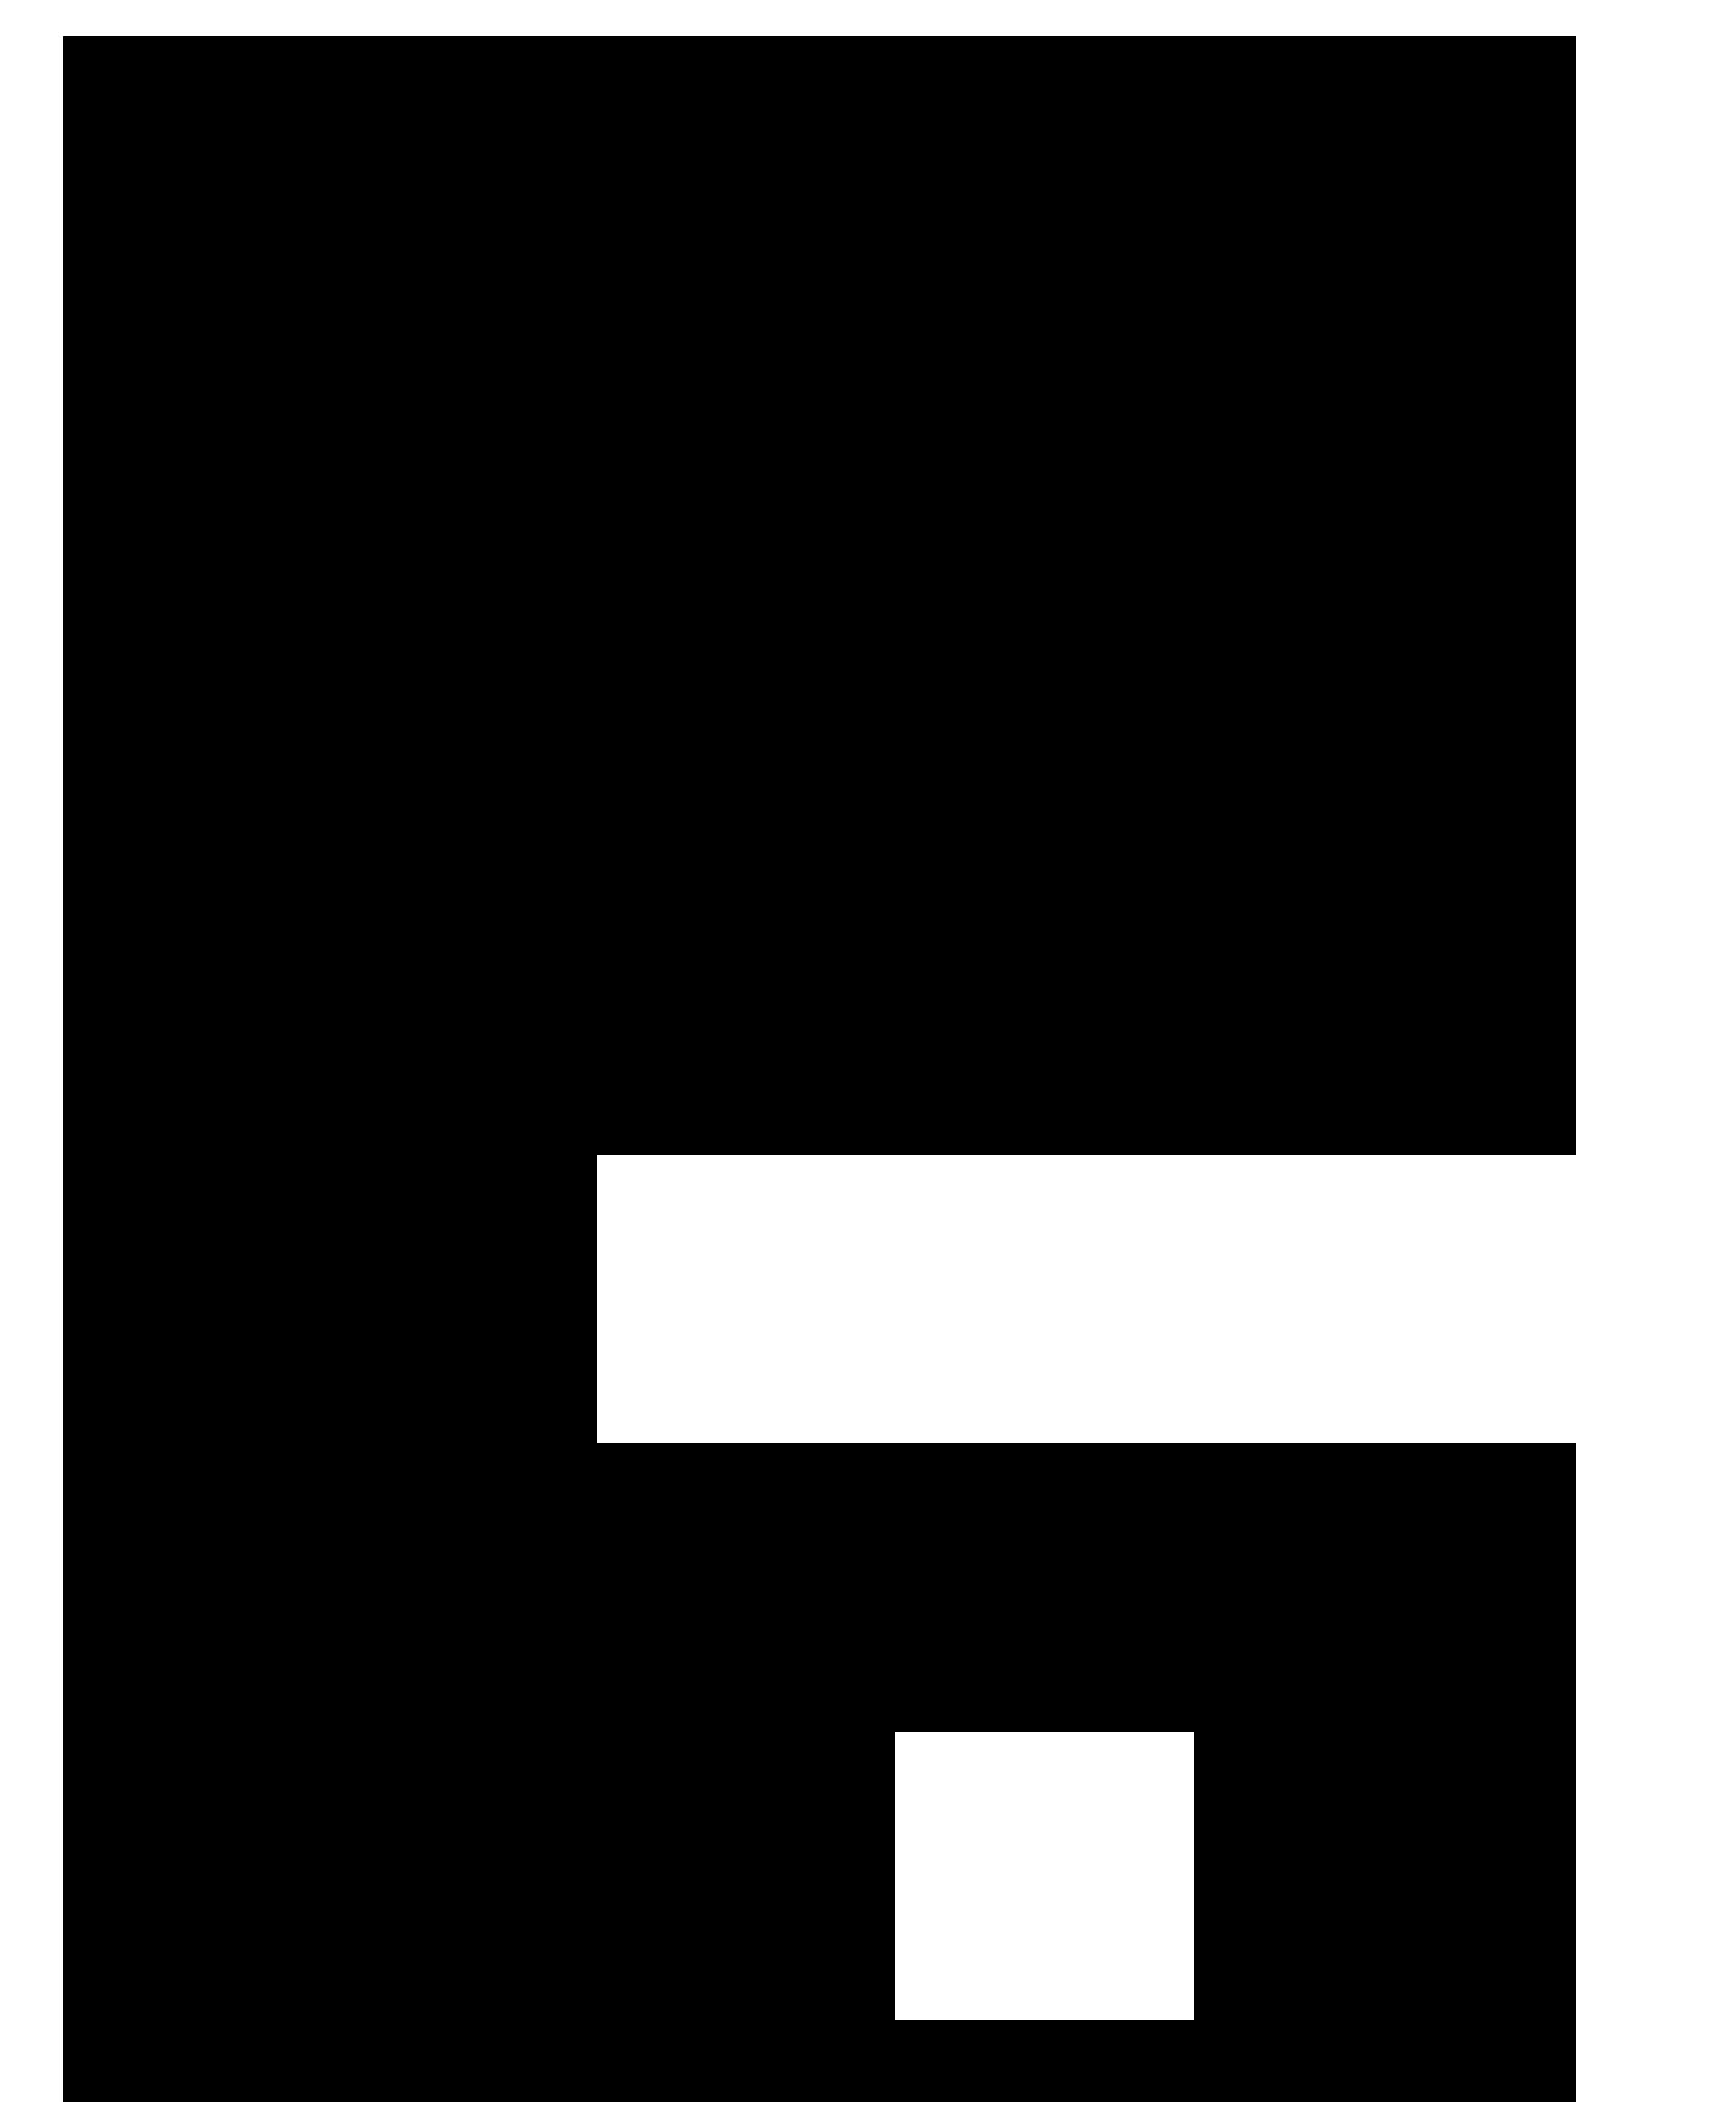 Speisekarte-Baustelle-2019-4